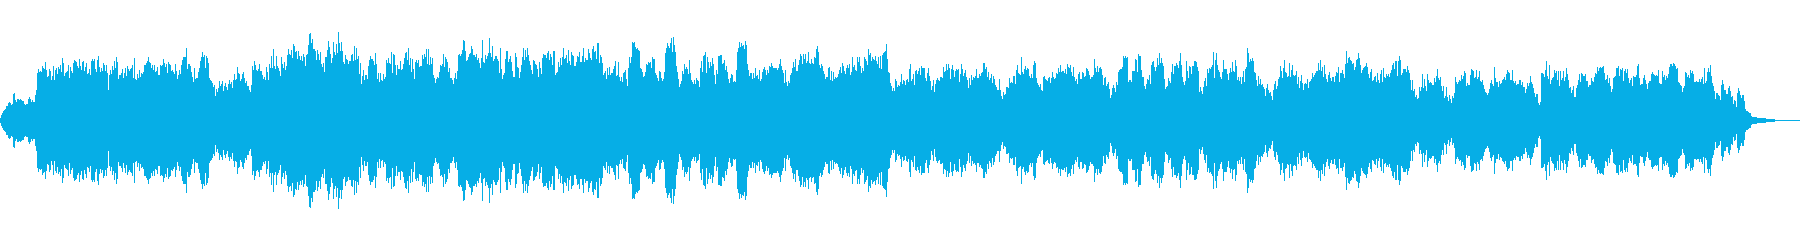 悲しげなモチーフが流れ続けるインストの再生済みの波形